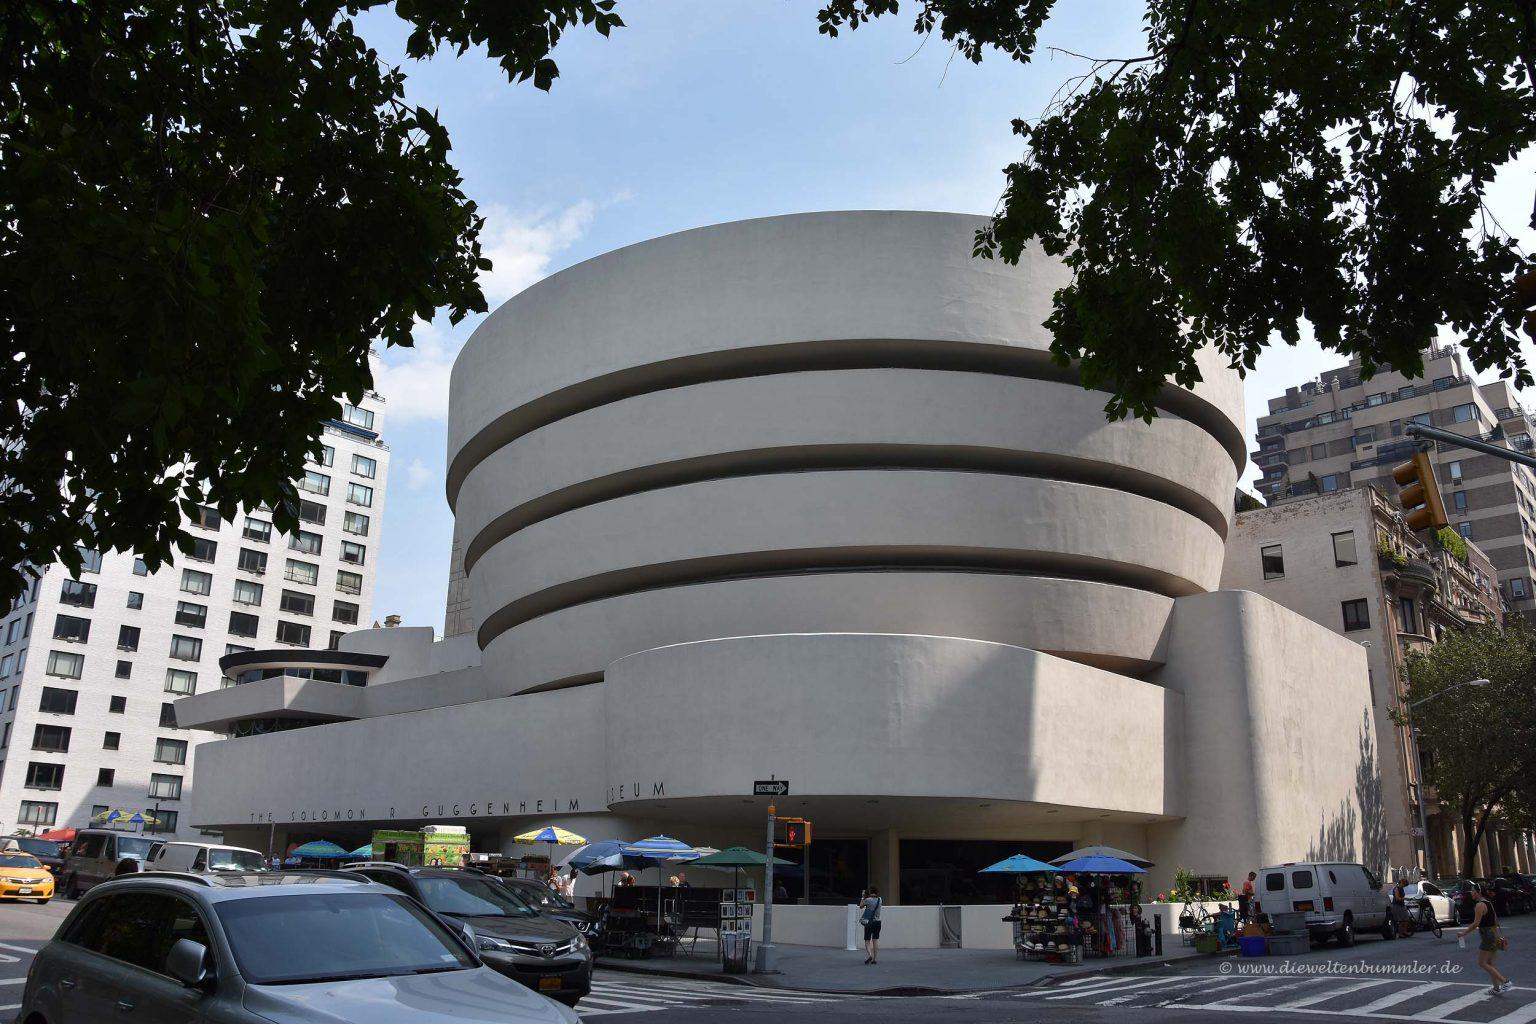 Guggenheim-Museum an der Ostseite des Parks